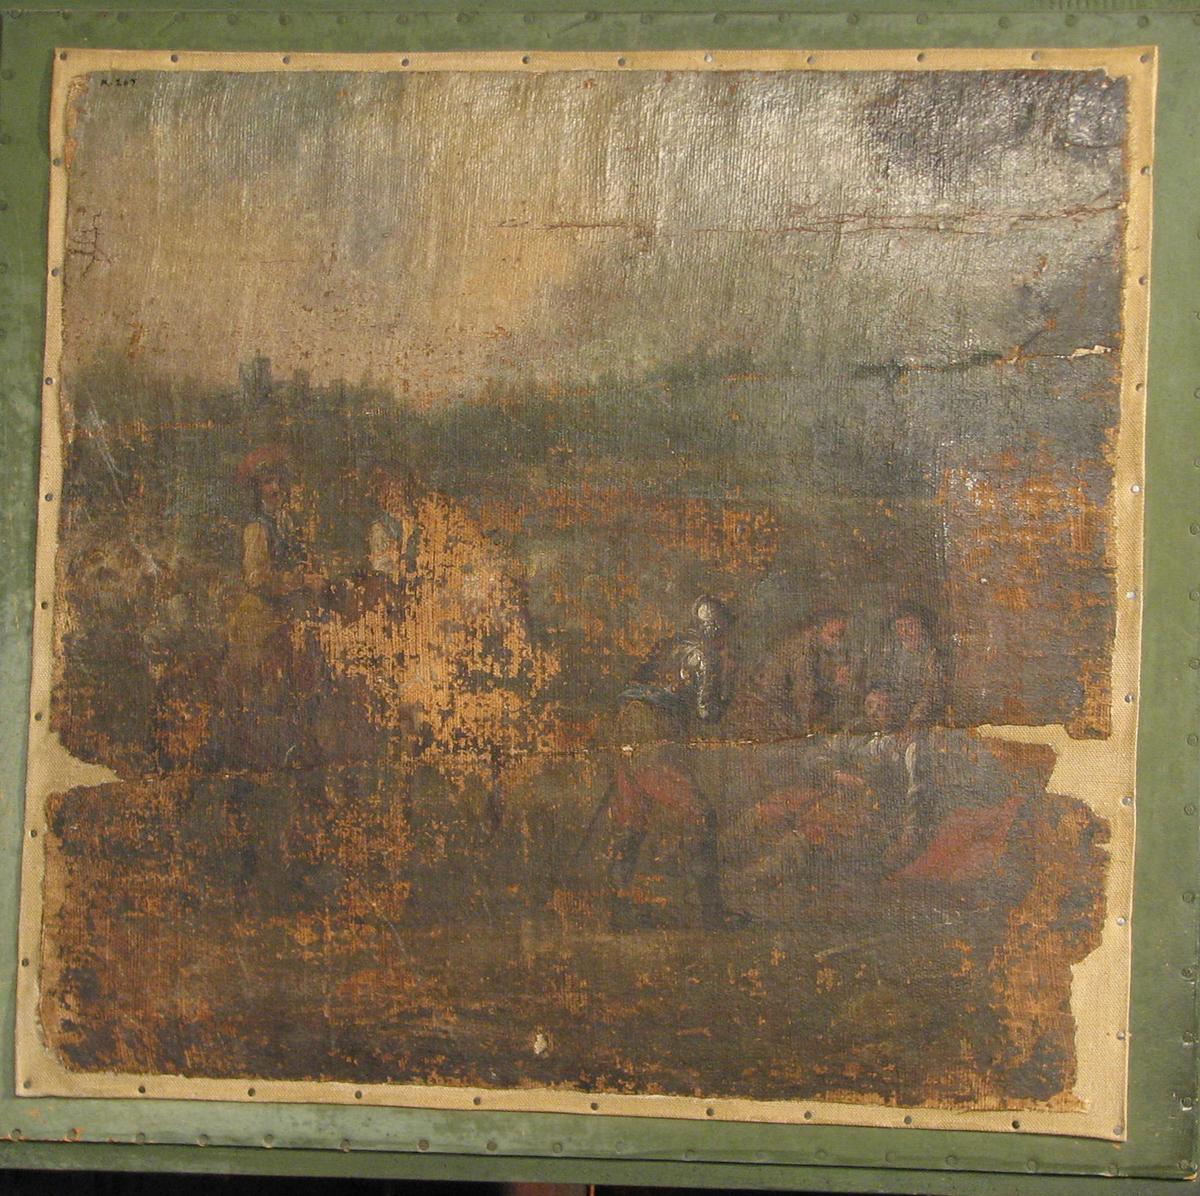 Nesten kvadratisk. Figurscene; tilv. 2 hester m. ryttere; tilh. liggende mann m. 3 menn omkr.; bak marker, borg; brunlig tone. Forsterket m. nytt lerret.